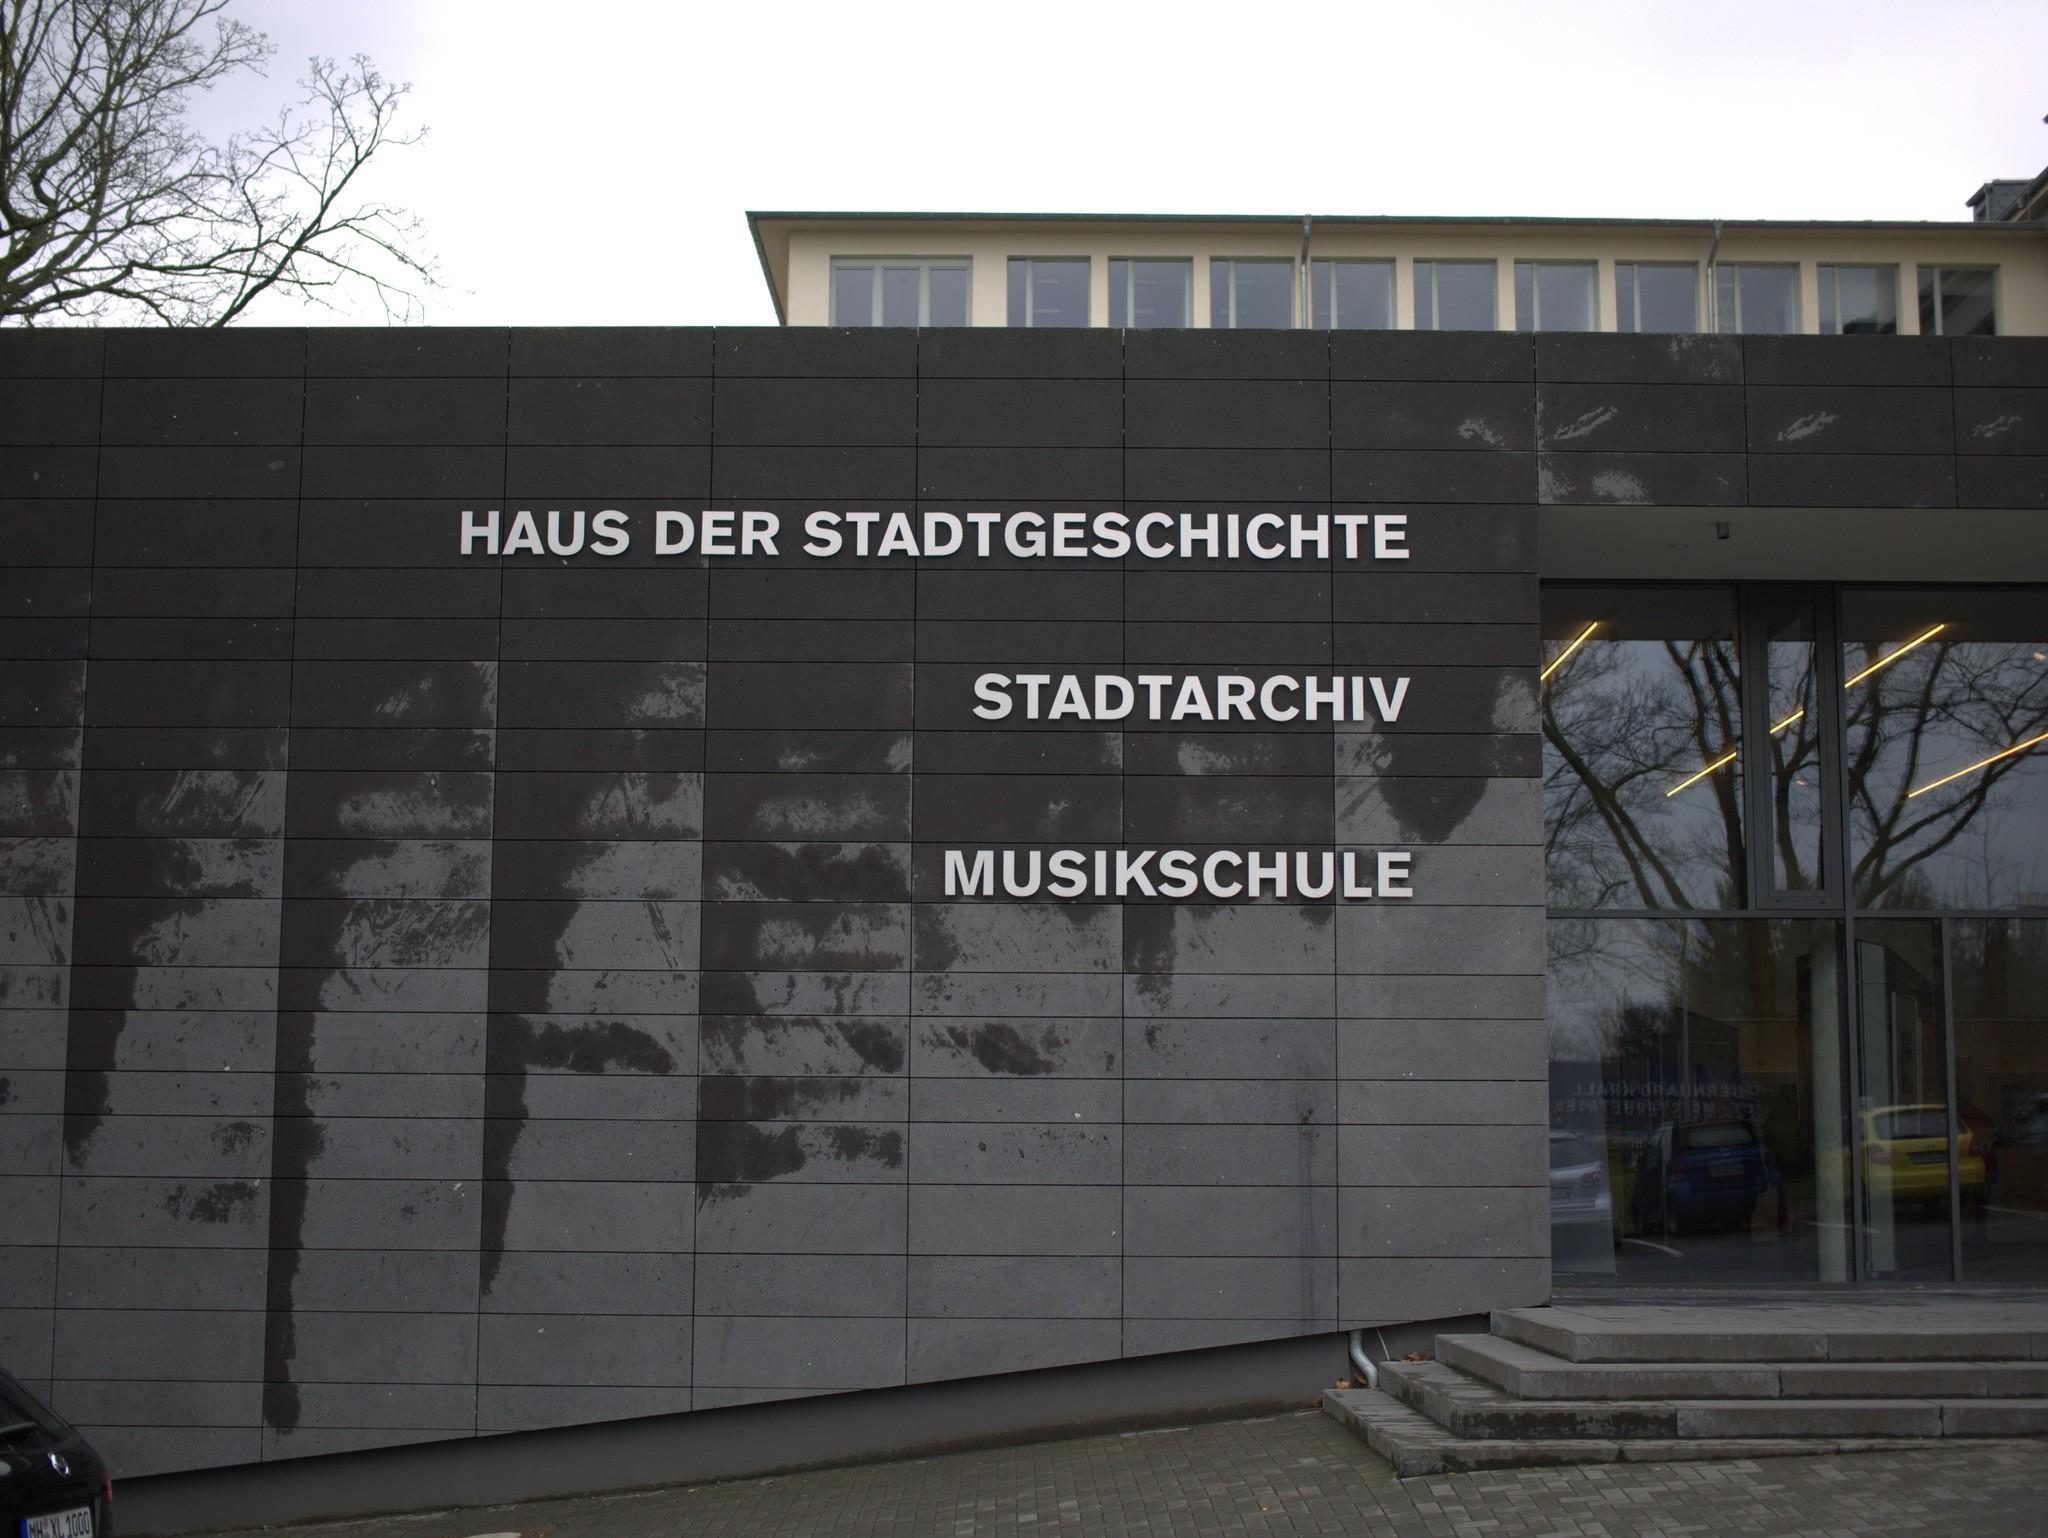 All-in-One: Haus der Stadtgeschichte, Stadtarchiv und Musikschule